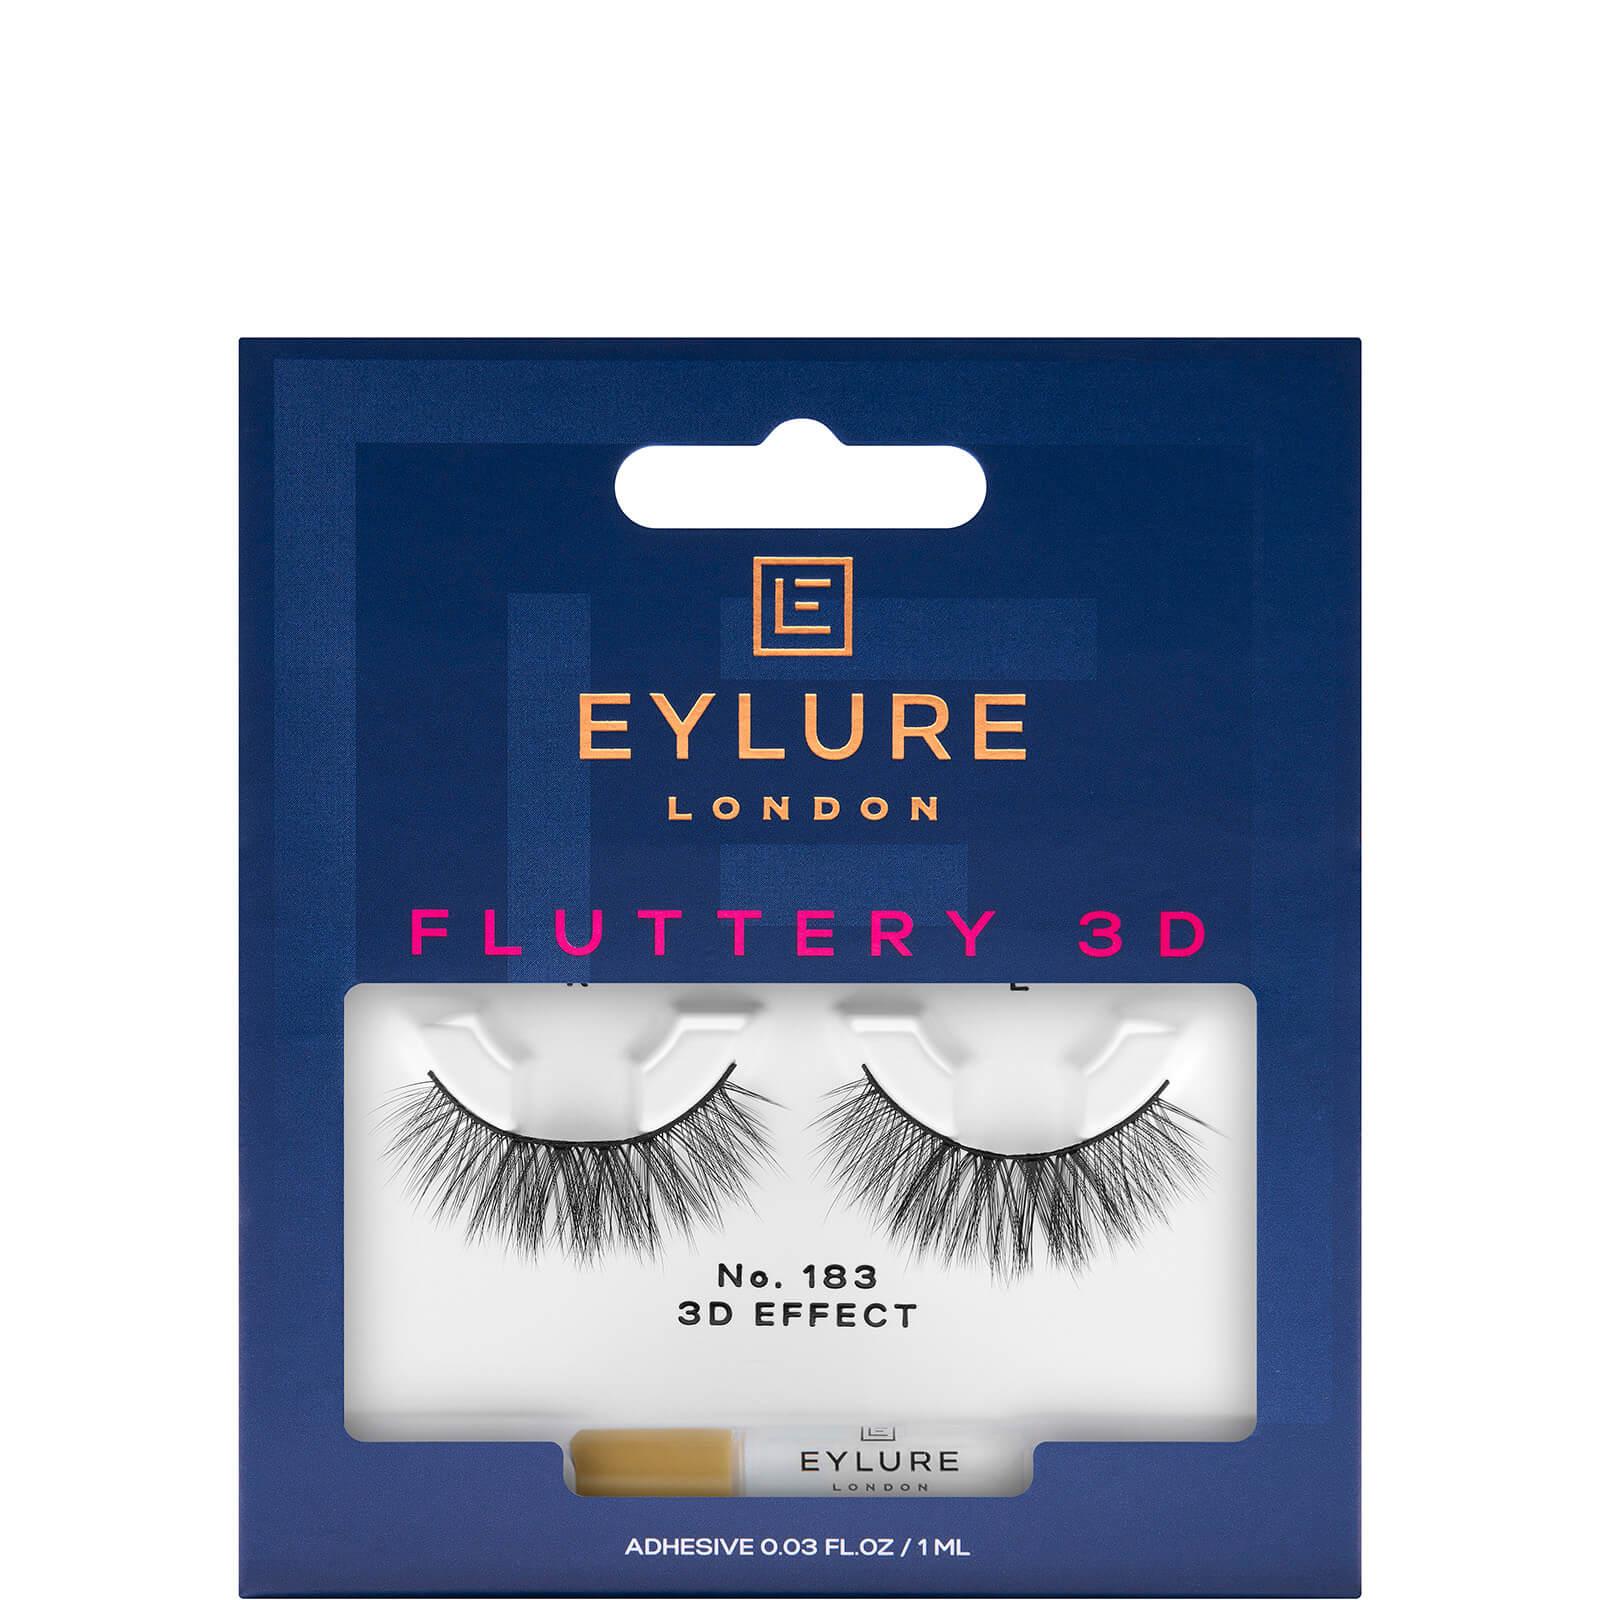 Купить Eylure Fluttery 3D No.183 Lash